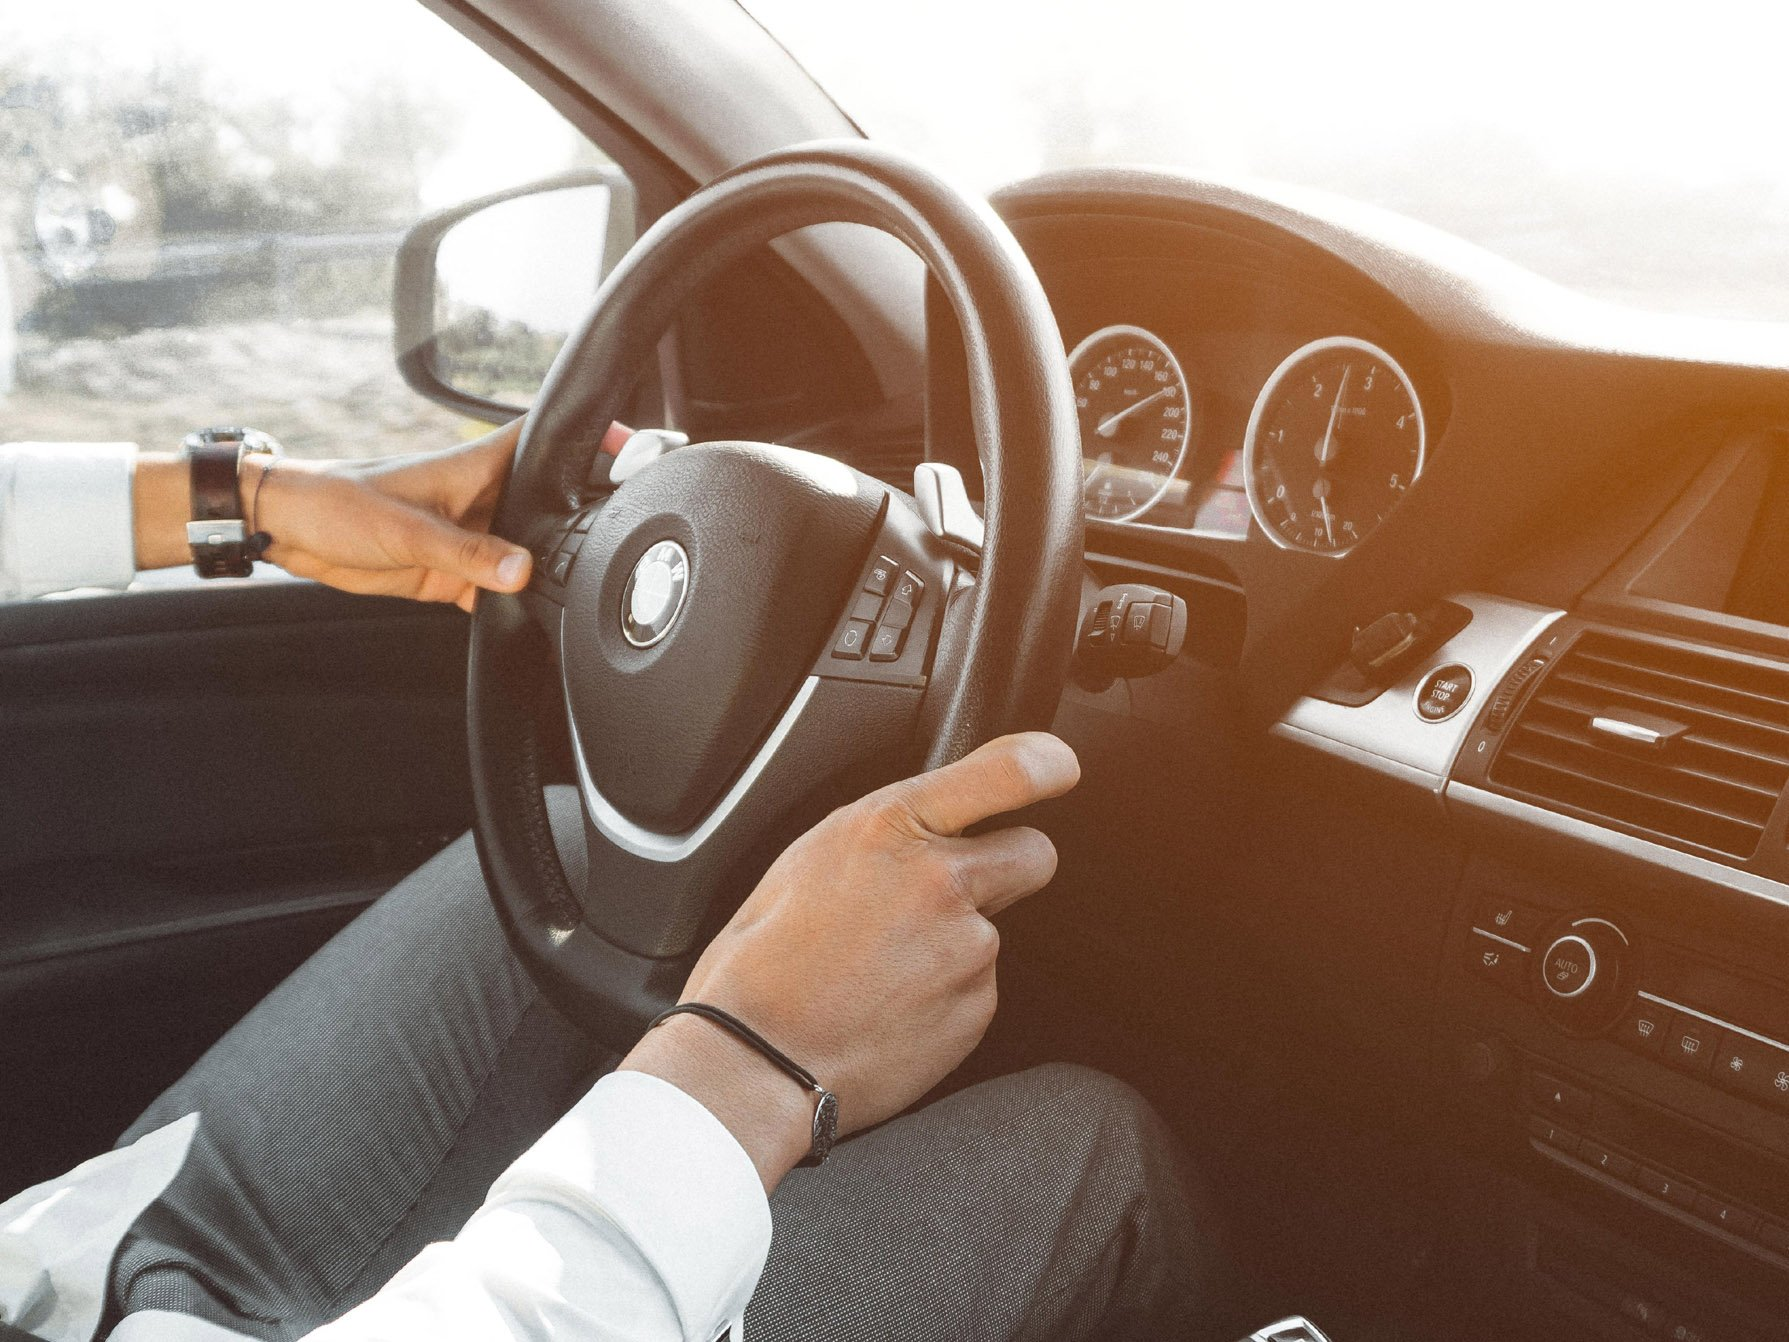 αυτοκίνητο δίπλωμα οδήγησης τιμόνι